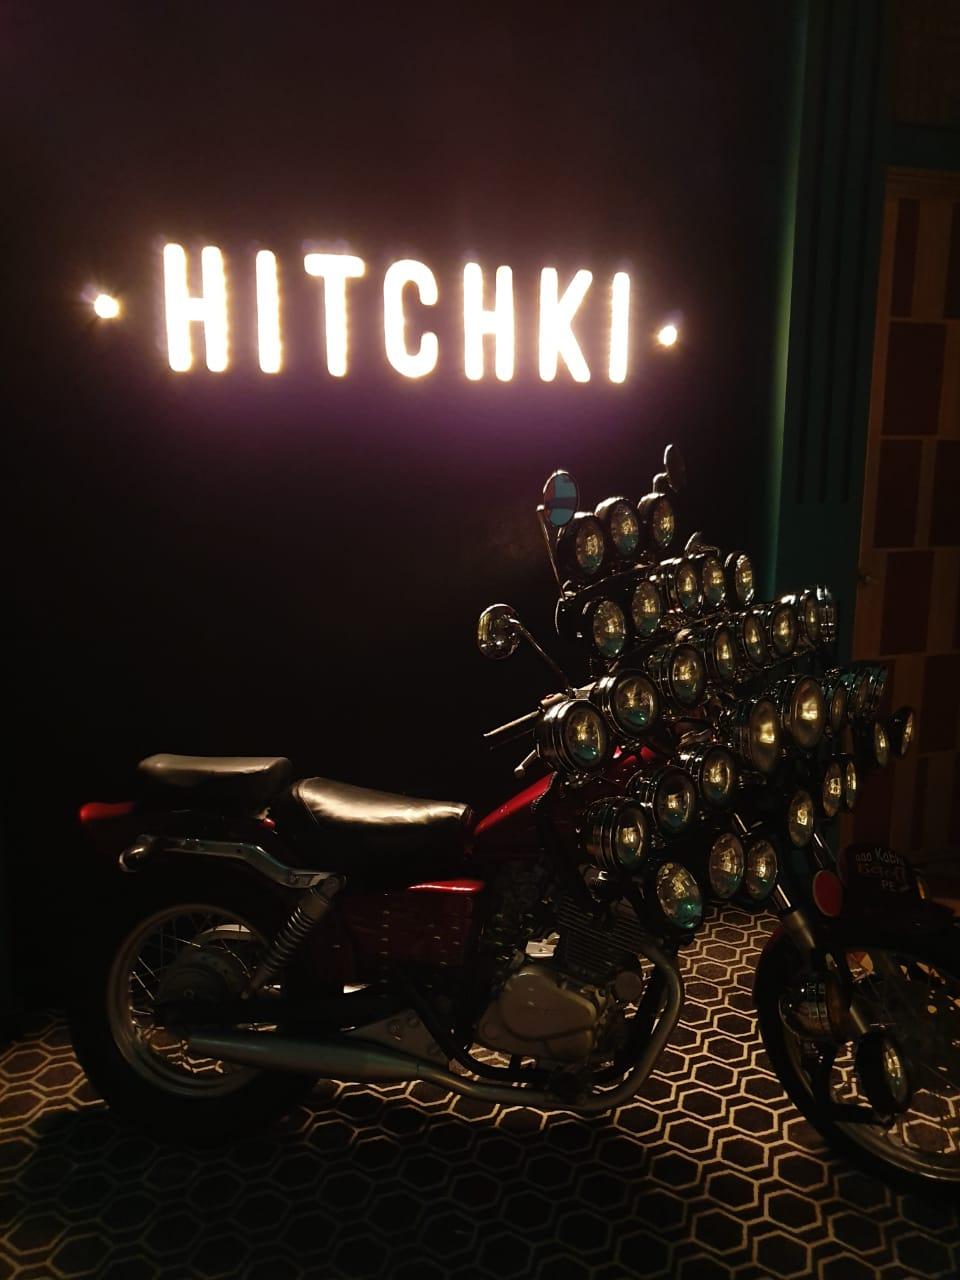 hitchki